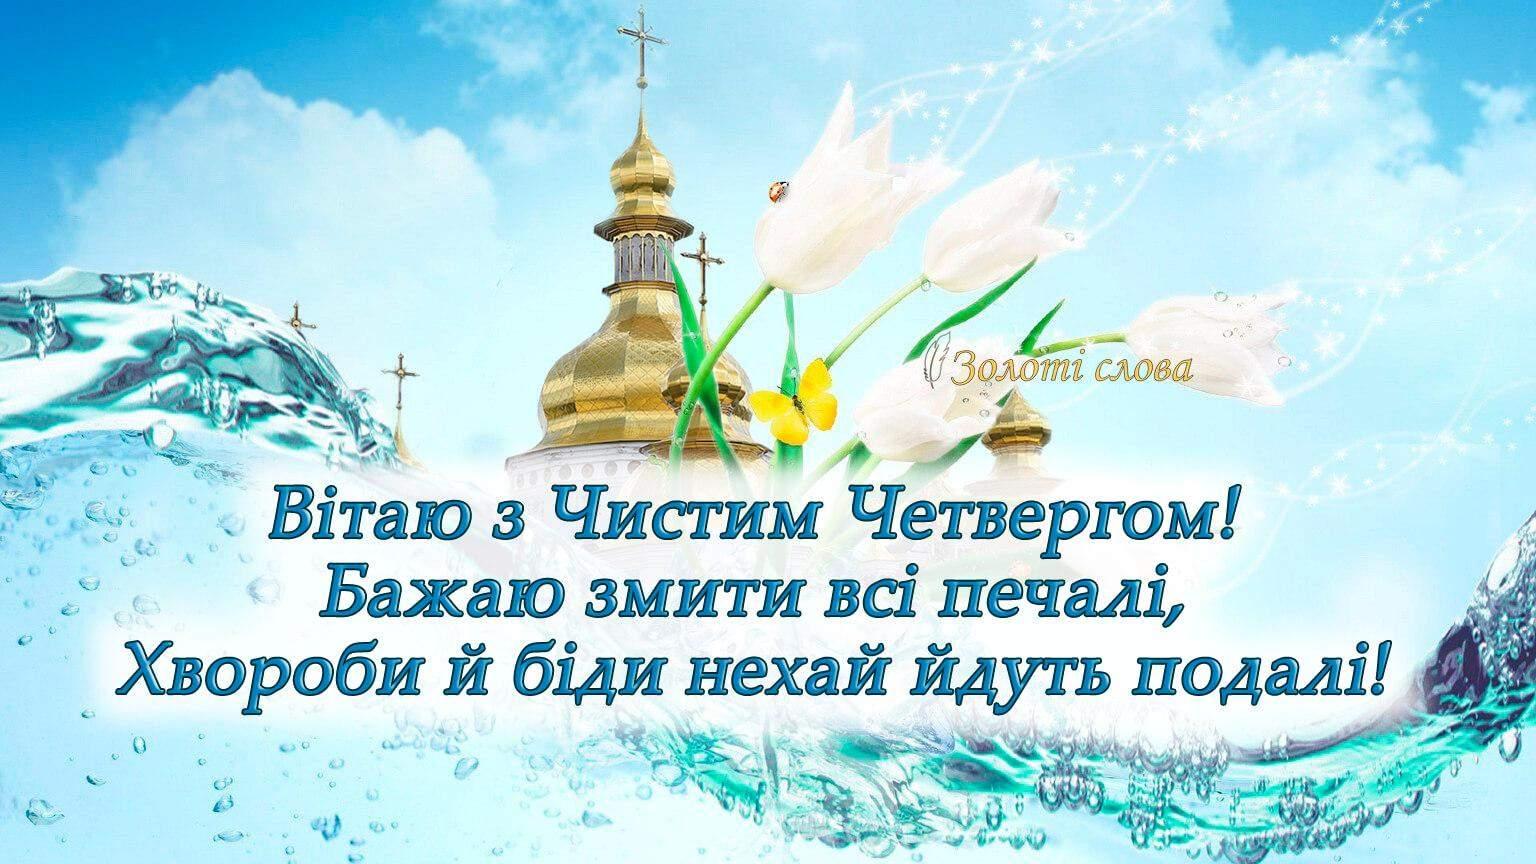 Картинки з Чистим четвергом українською